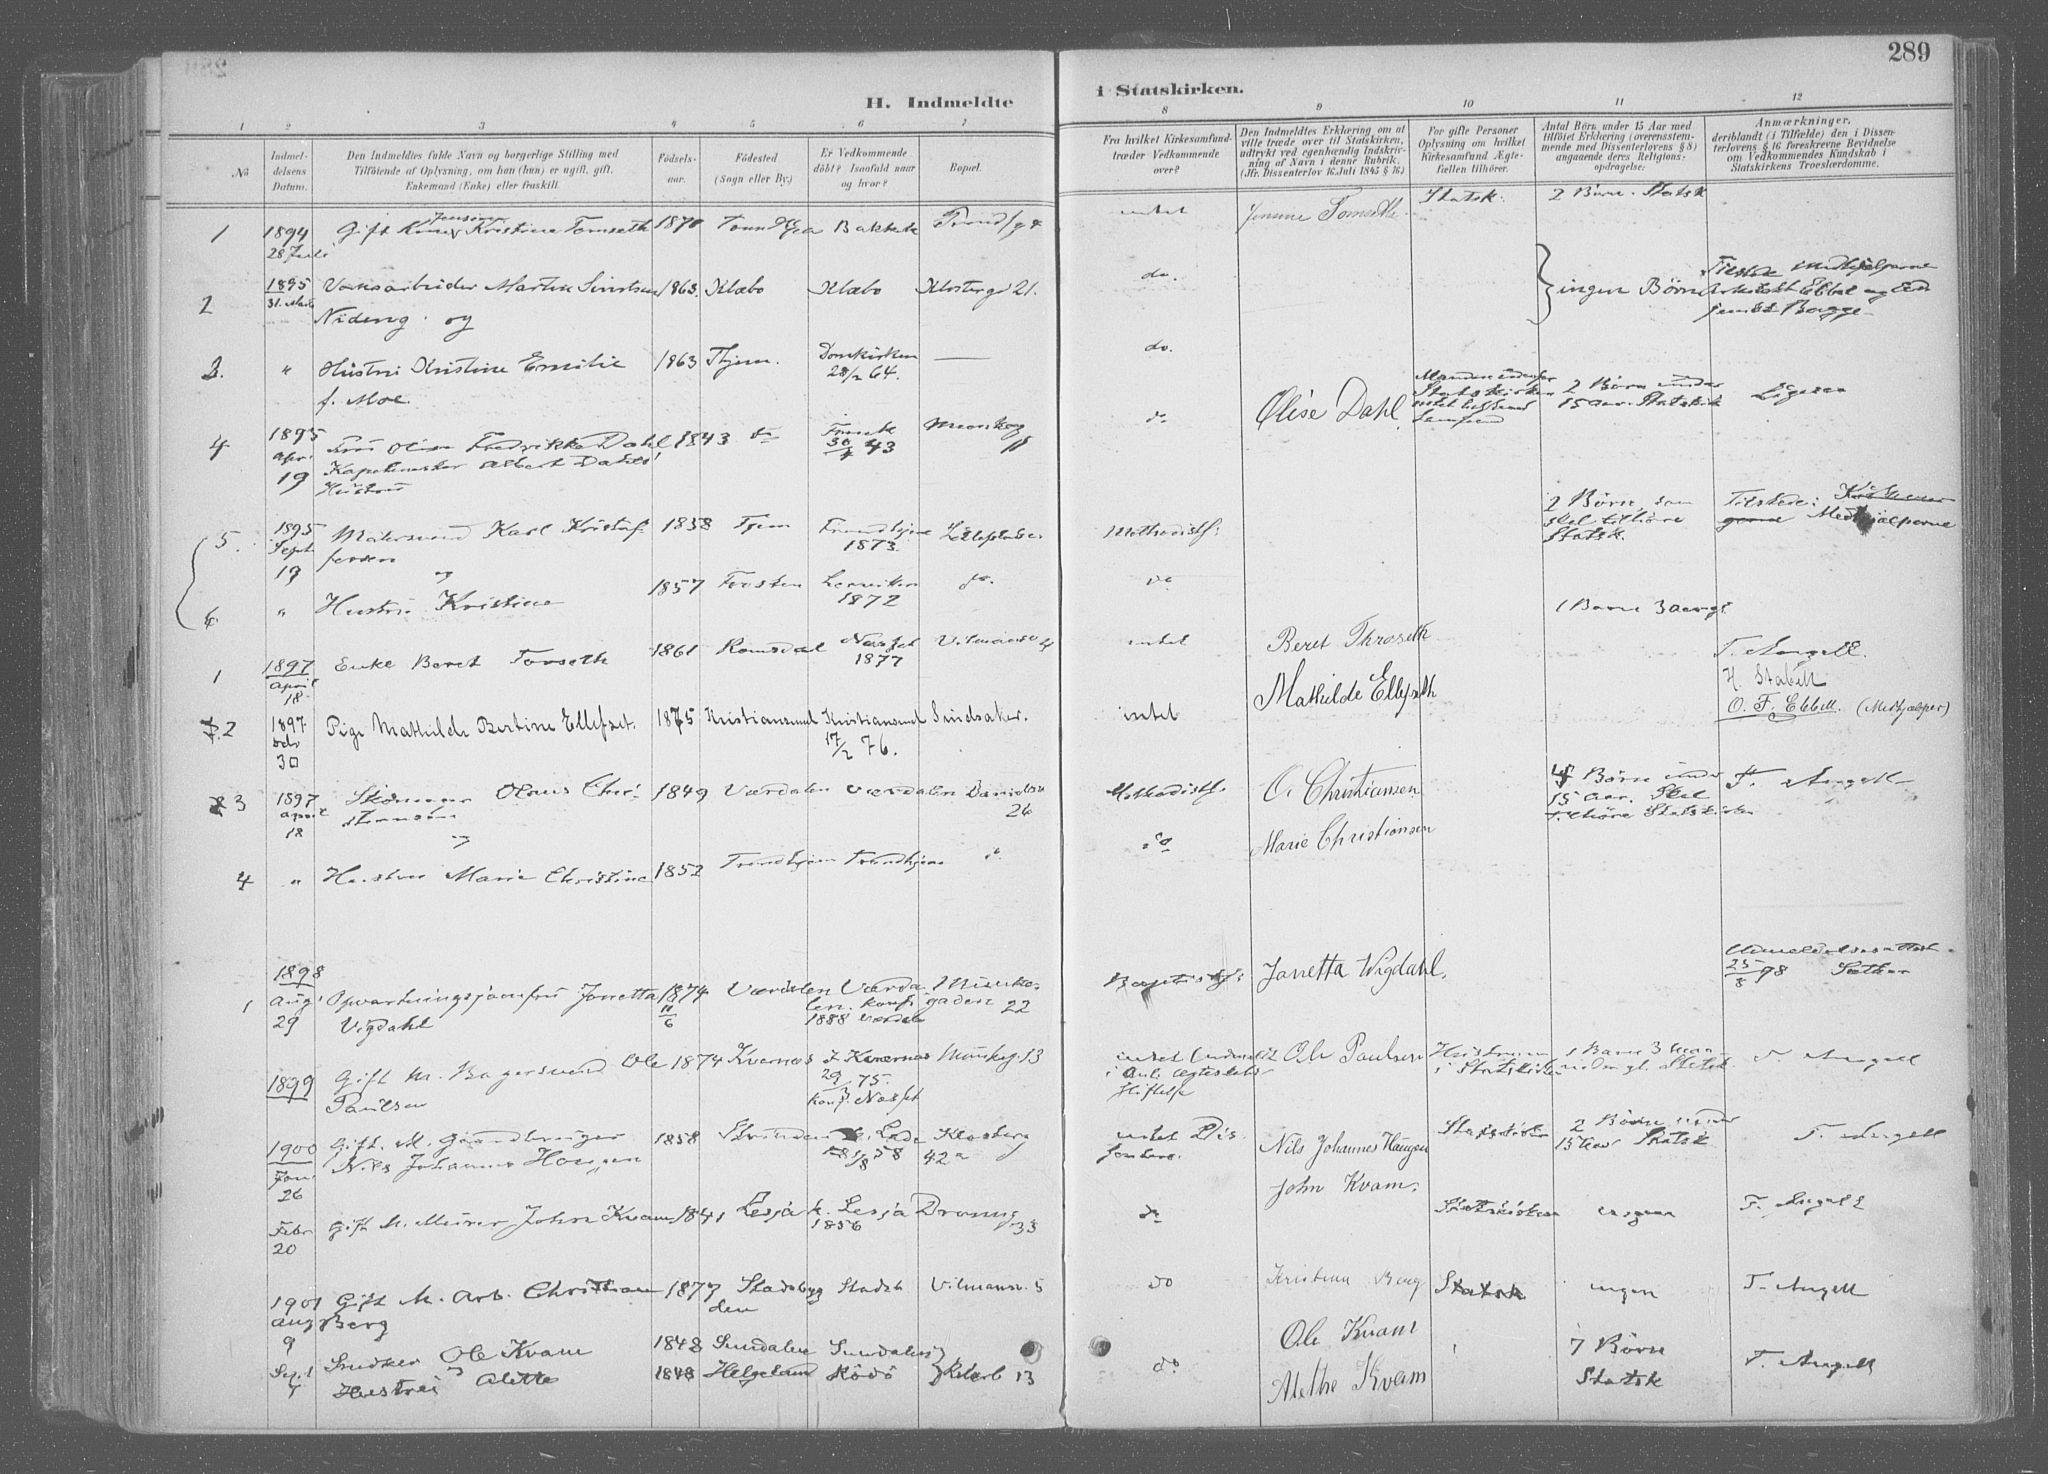 SAT, Ministerialprotokoller, klokkerbøker og fødselsregistre - Sør-Trøndelag, 601/L0064: Ministerialbok nr. 601A31, 1891-1911, s. 289